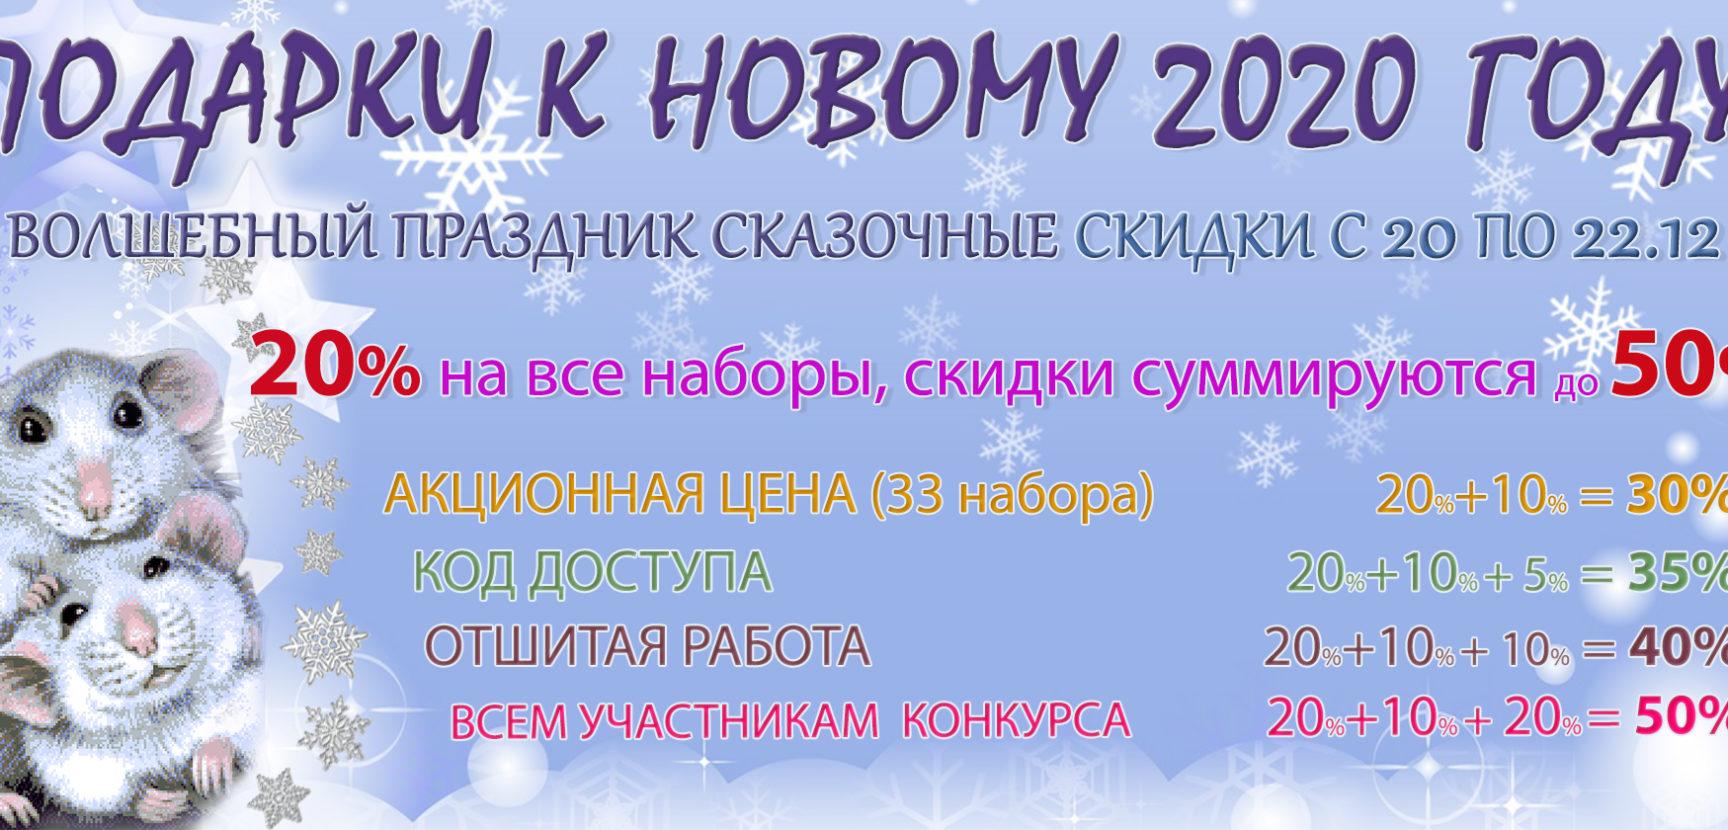 Подарки к новому 2020 году!!!